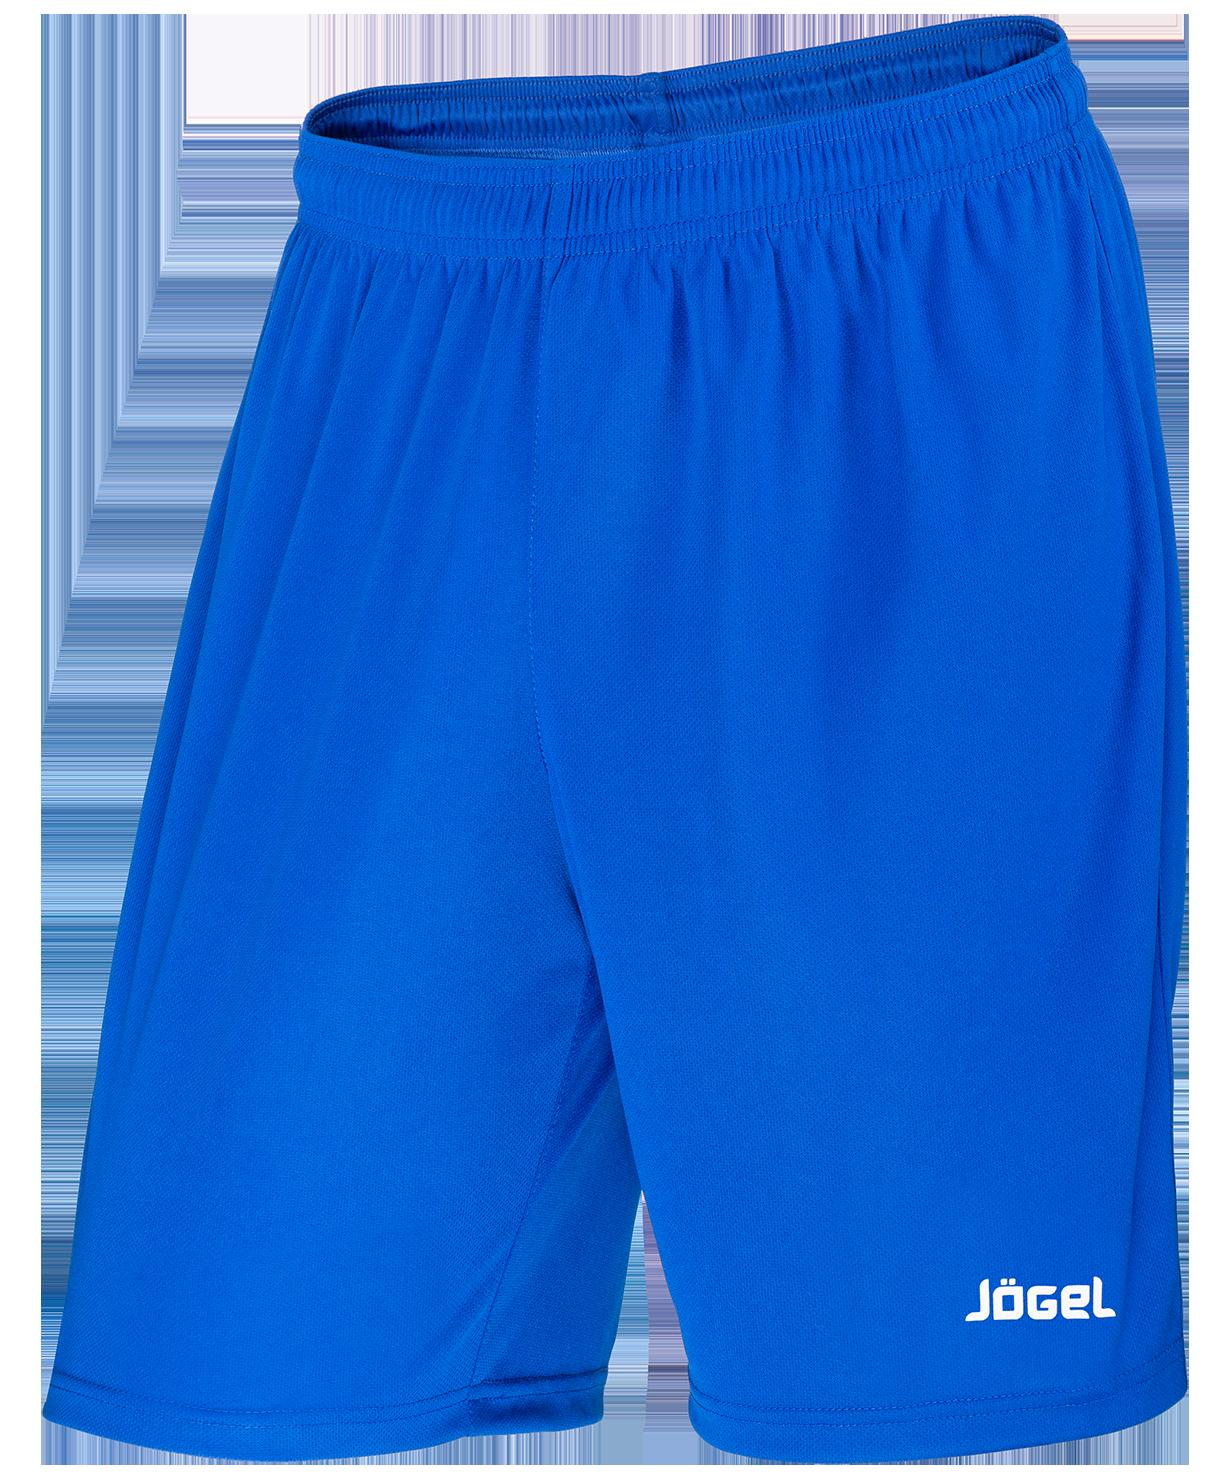 0f6b5842 Шорты баскетбольные Jögel JBS-1120-071, синий/белый, детские ...